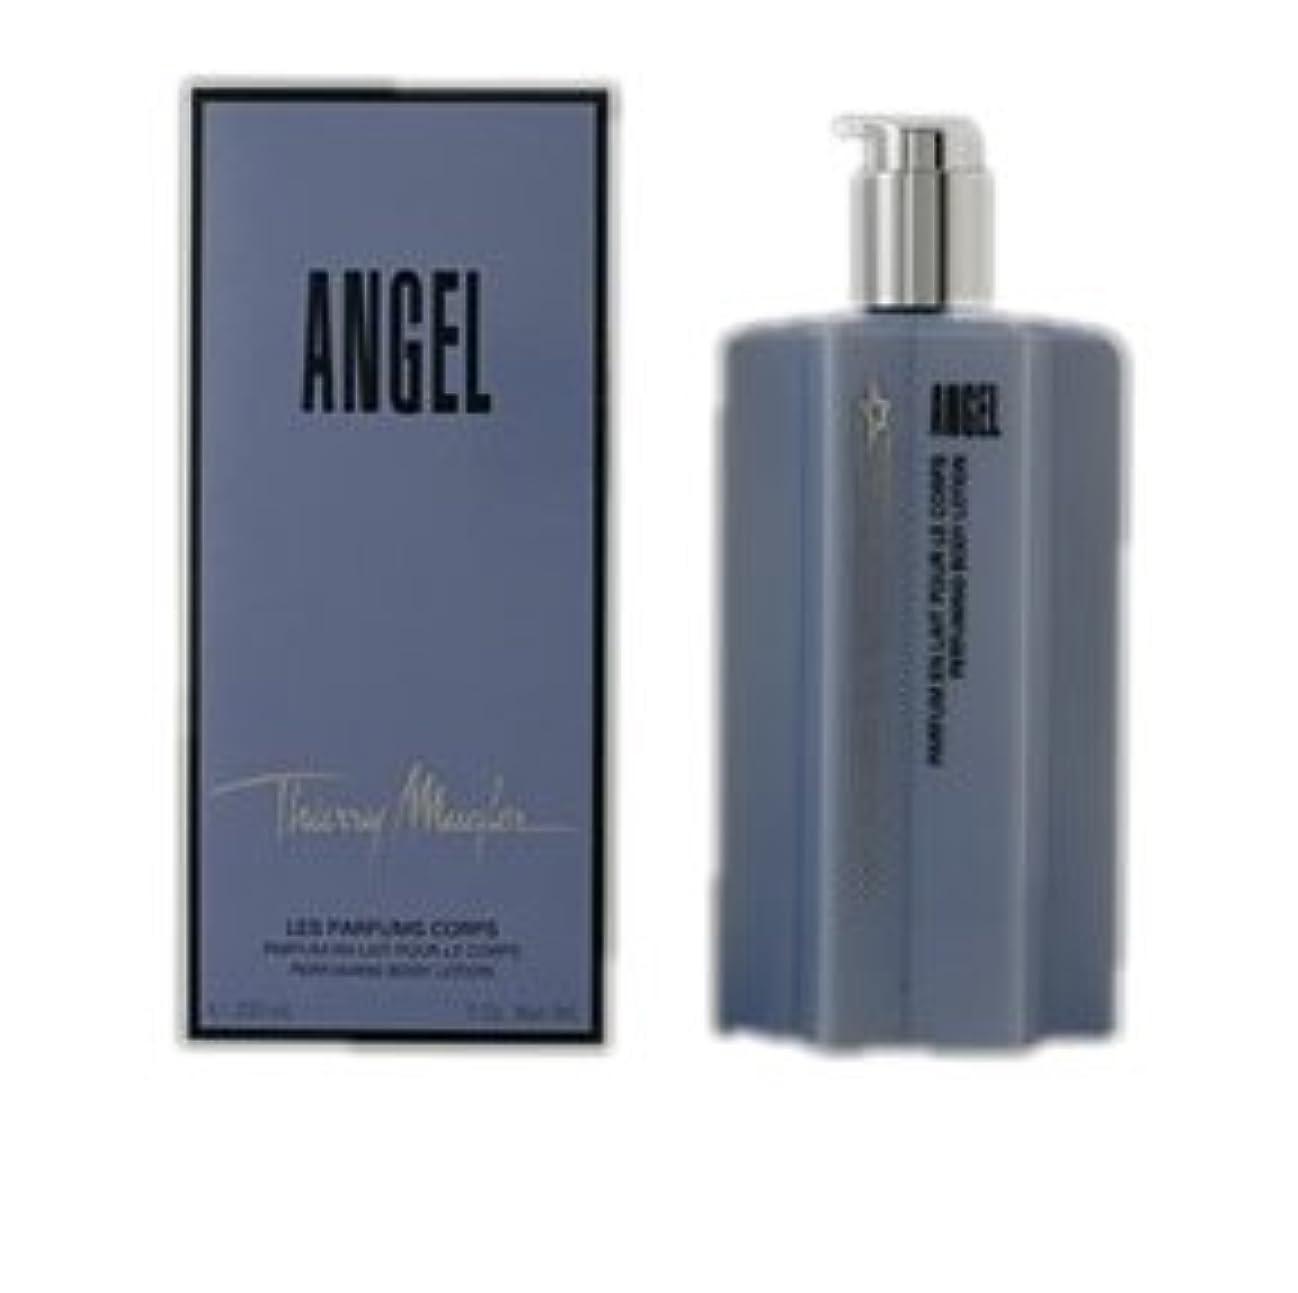 最少パースブラックボロウ窒息させるThierry Mugler Angel Perfuming Body Lotion 200ml [並行輸入品]